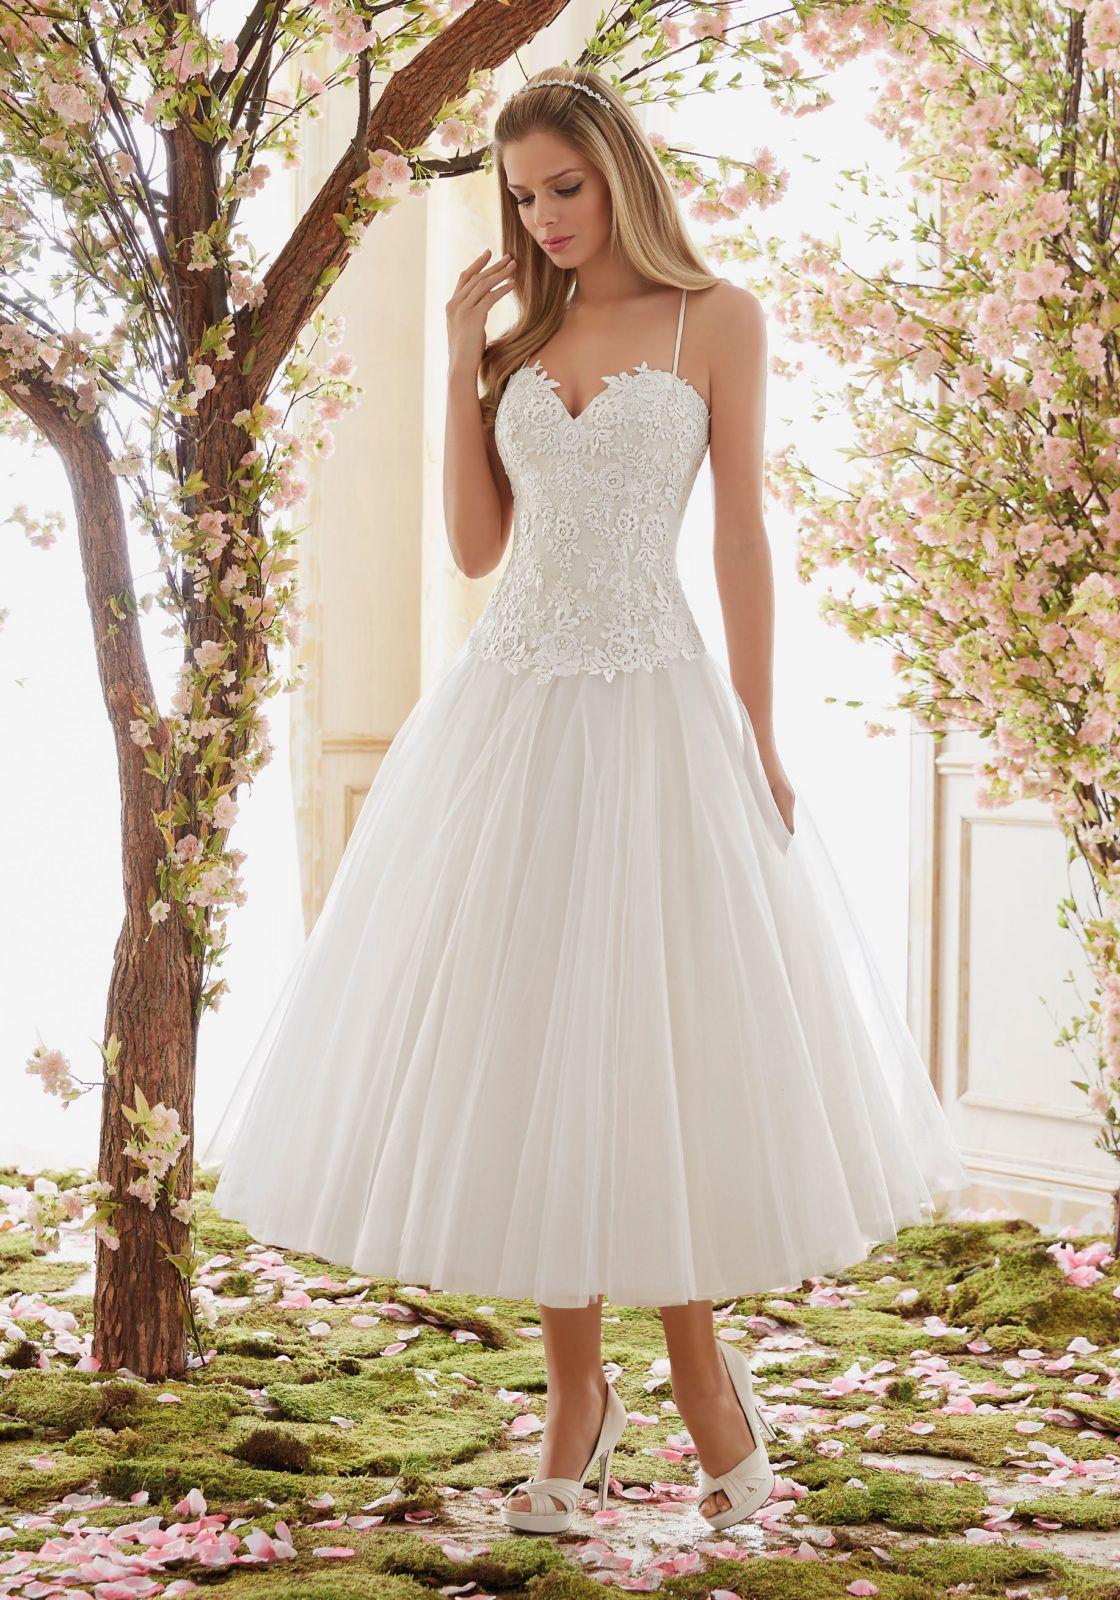 Morilee bridal madeline gardner tulle tealength wedding dress skirt